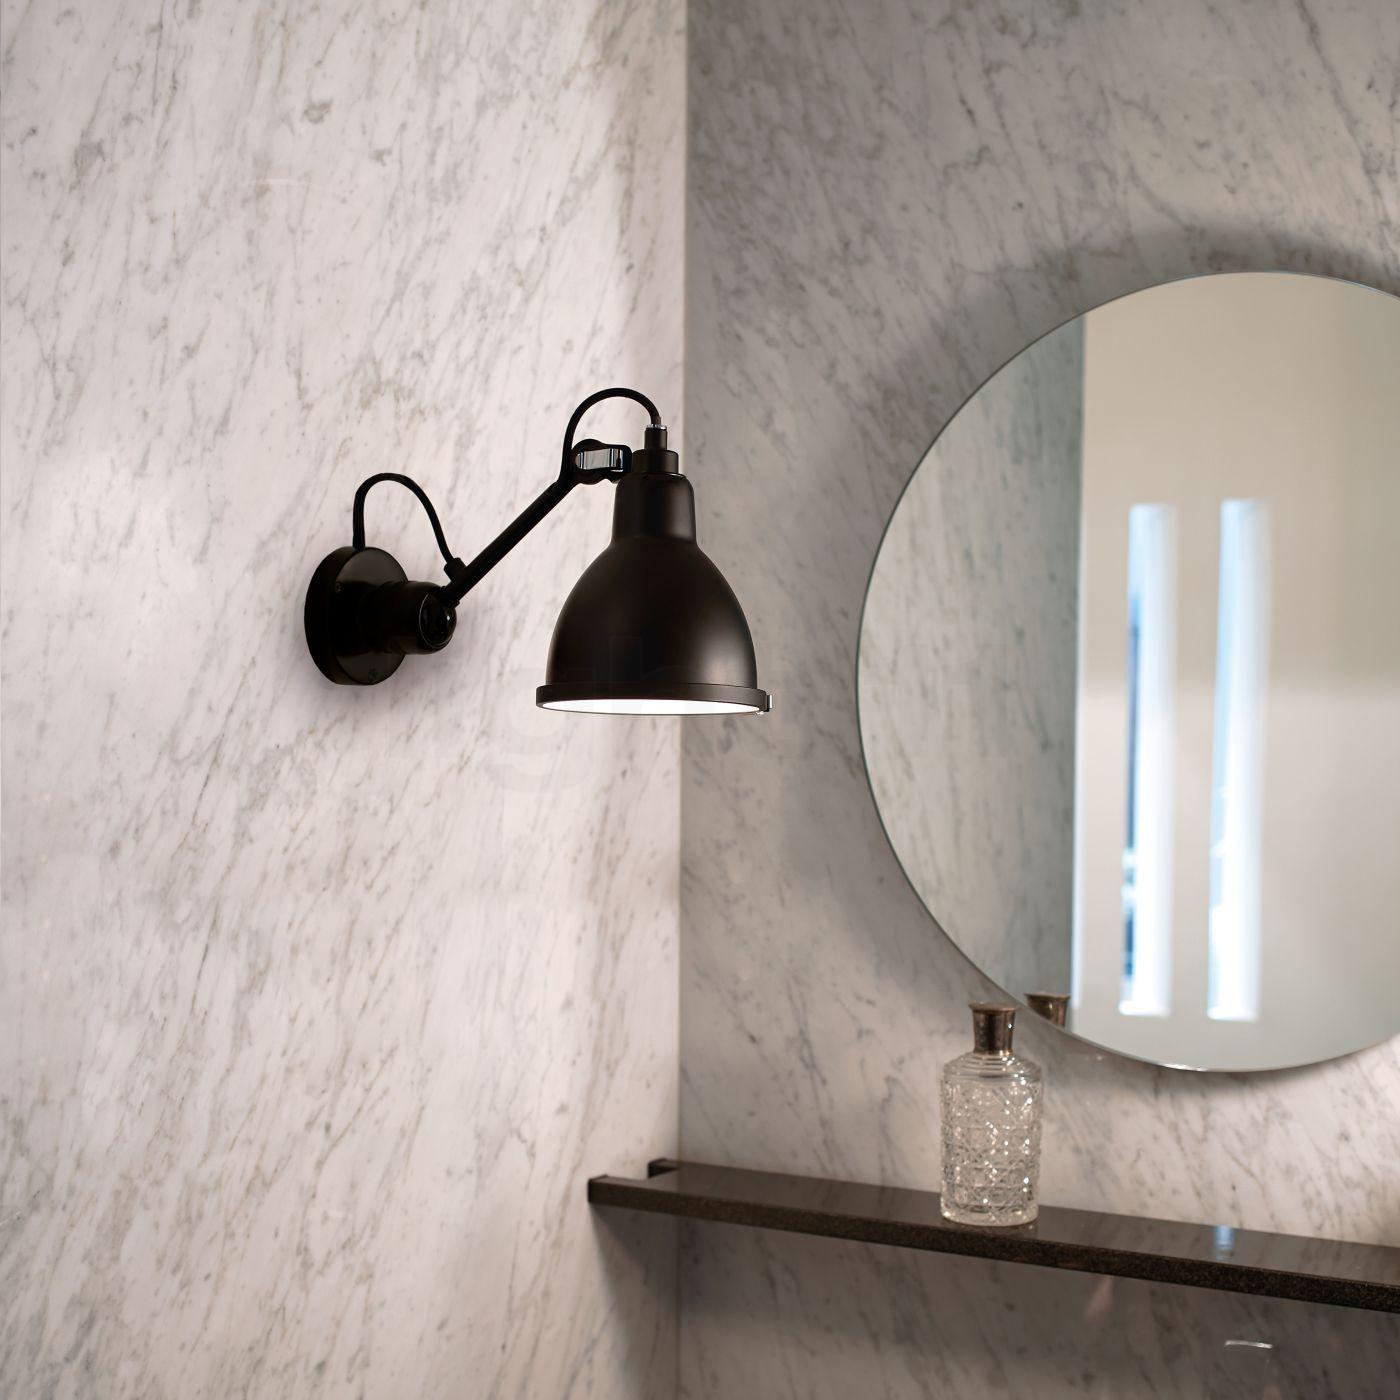 Dcw Lampe Gras No 304 Bathroom Wandleuchte In 2020 Badezimmerwand Ideen Wandleuchte Wand Ideen